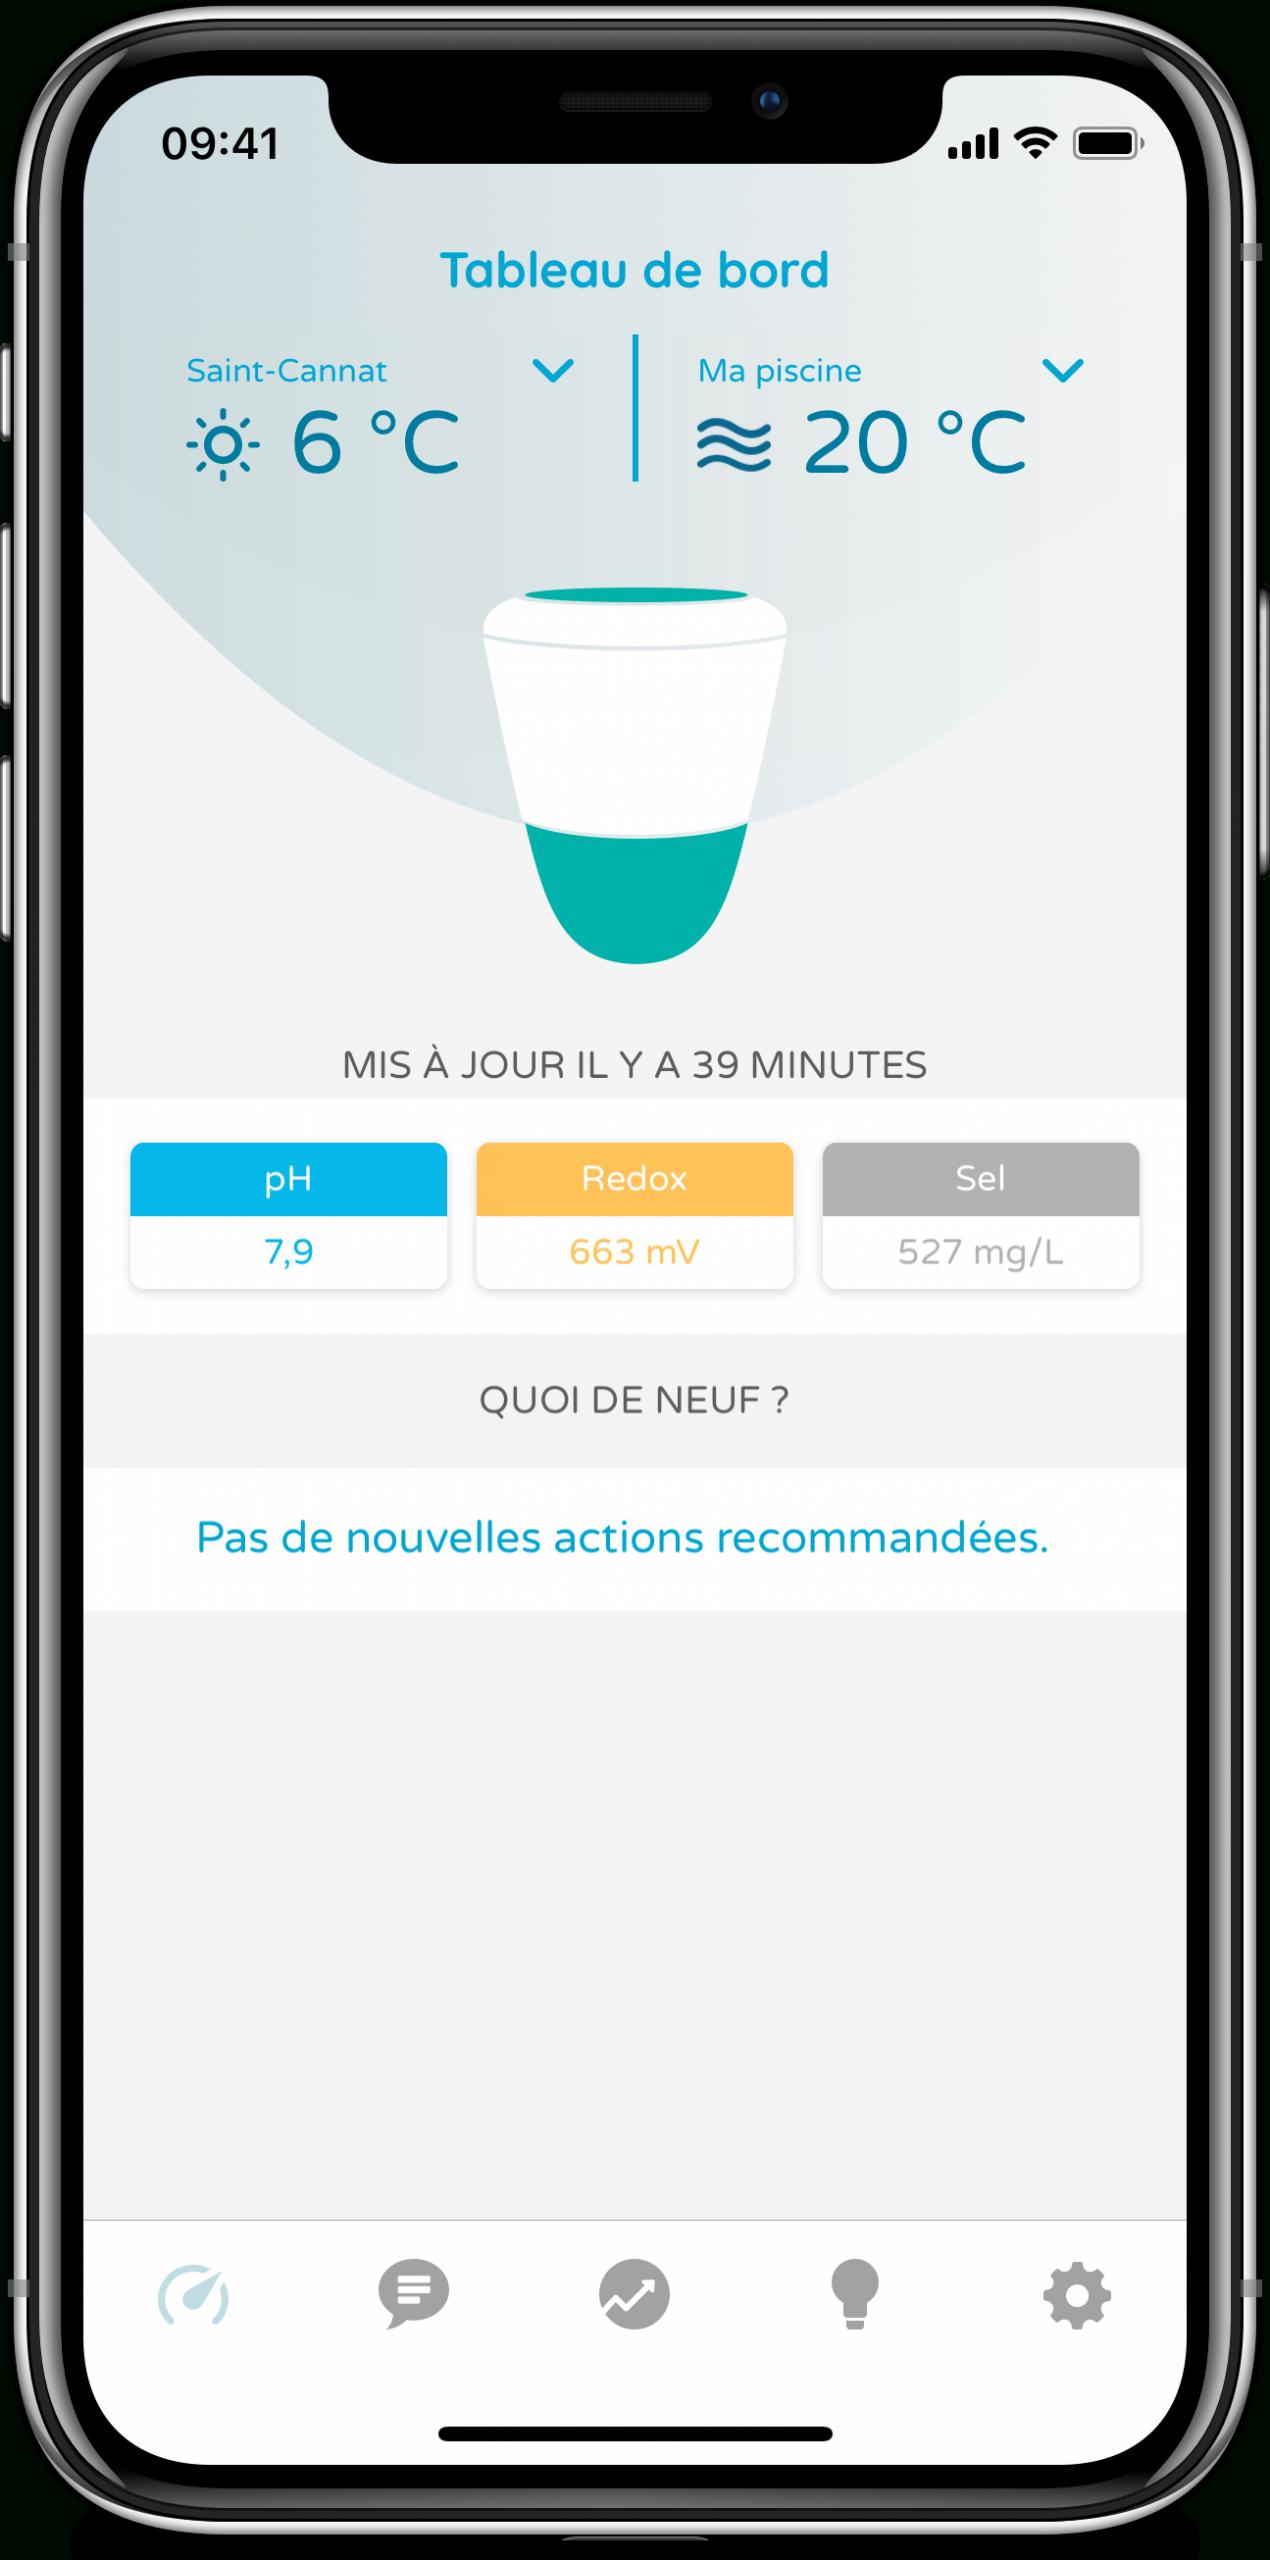 Ico Ilot Objet Connecté Entretien Piscine Spa Ondilo concernant Thermometre Piscine Connecté